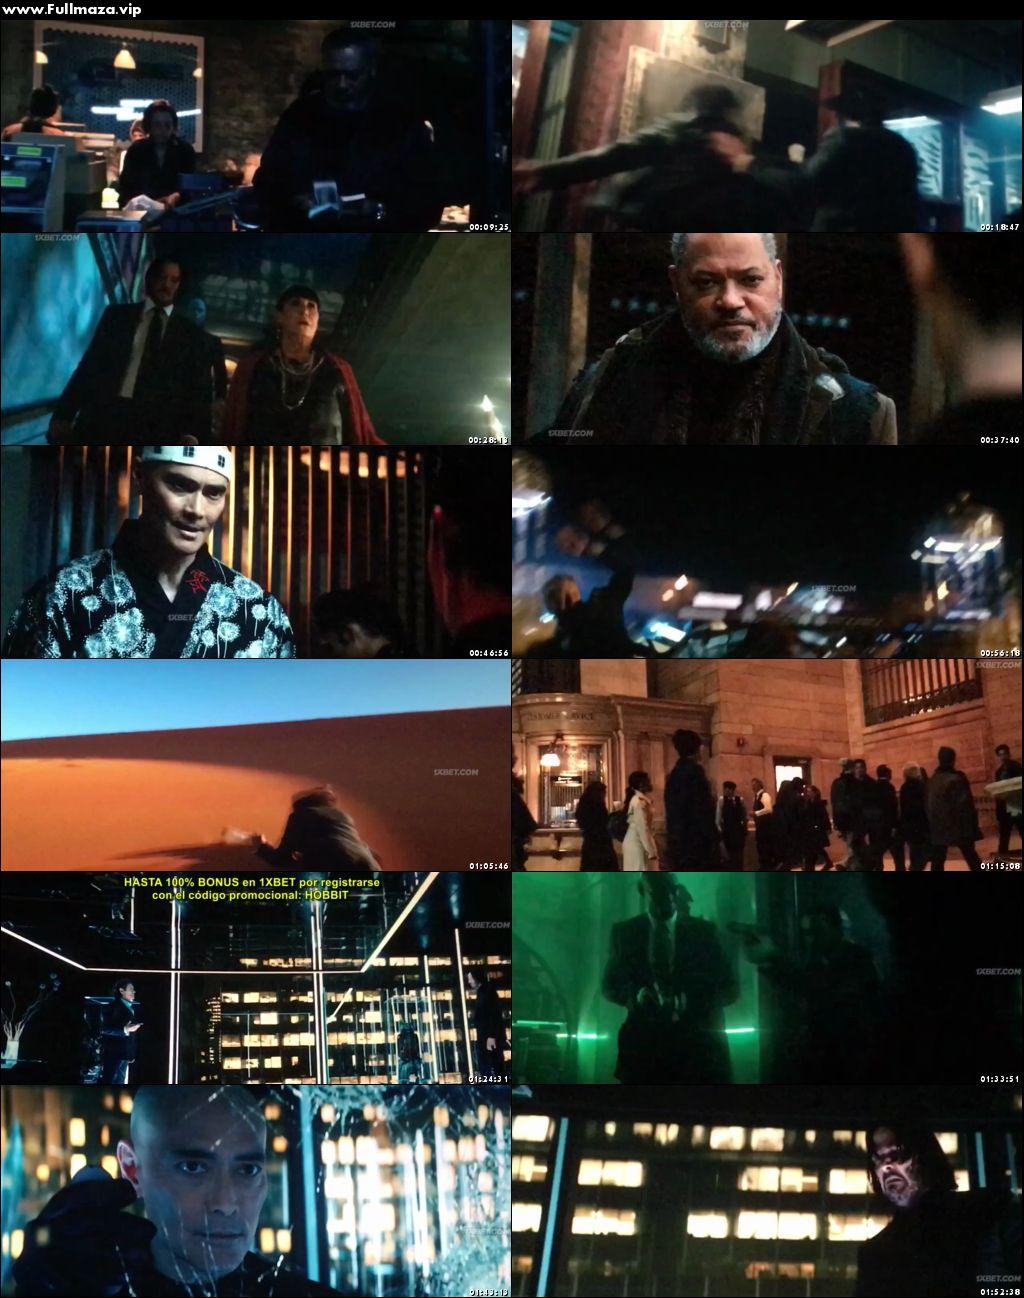 John Wick 3 izle, 1080P Türkçe Dublaj izle - 720pizle.org